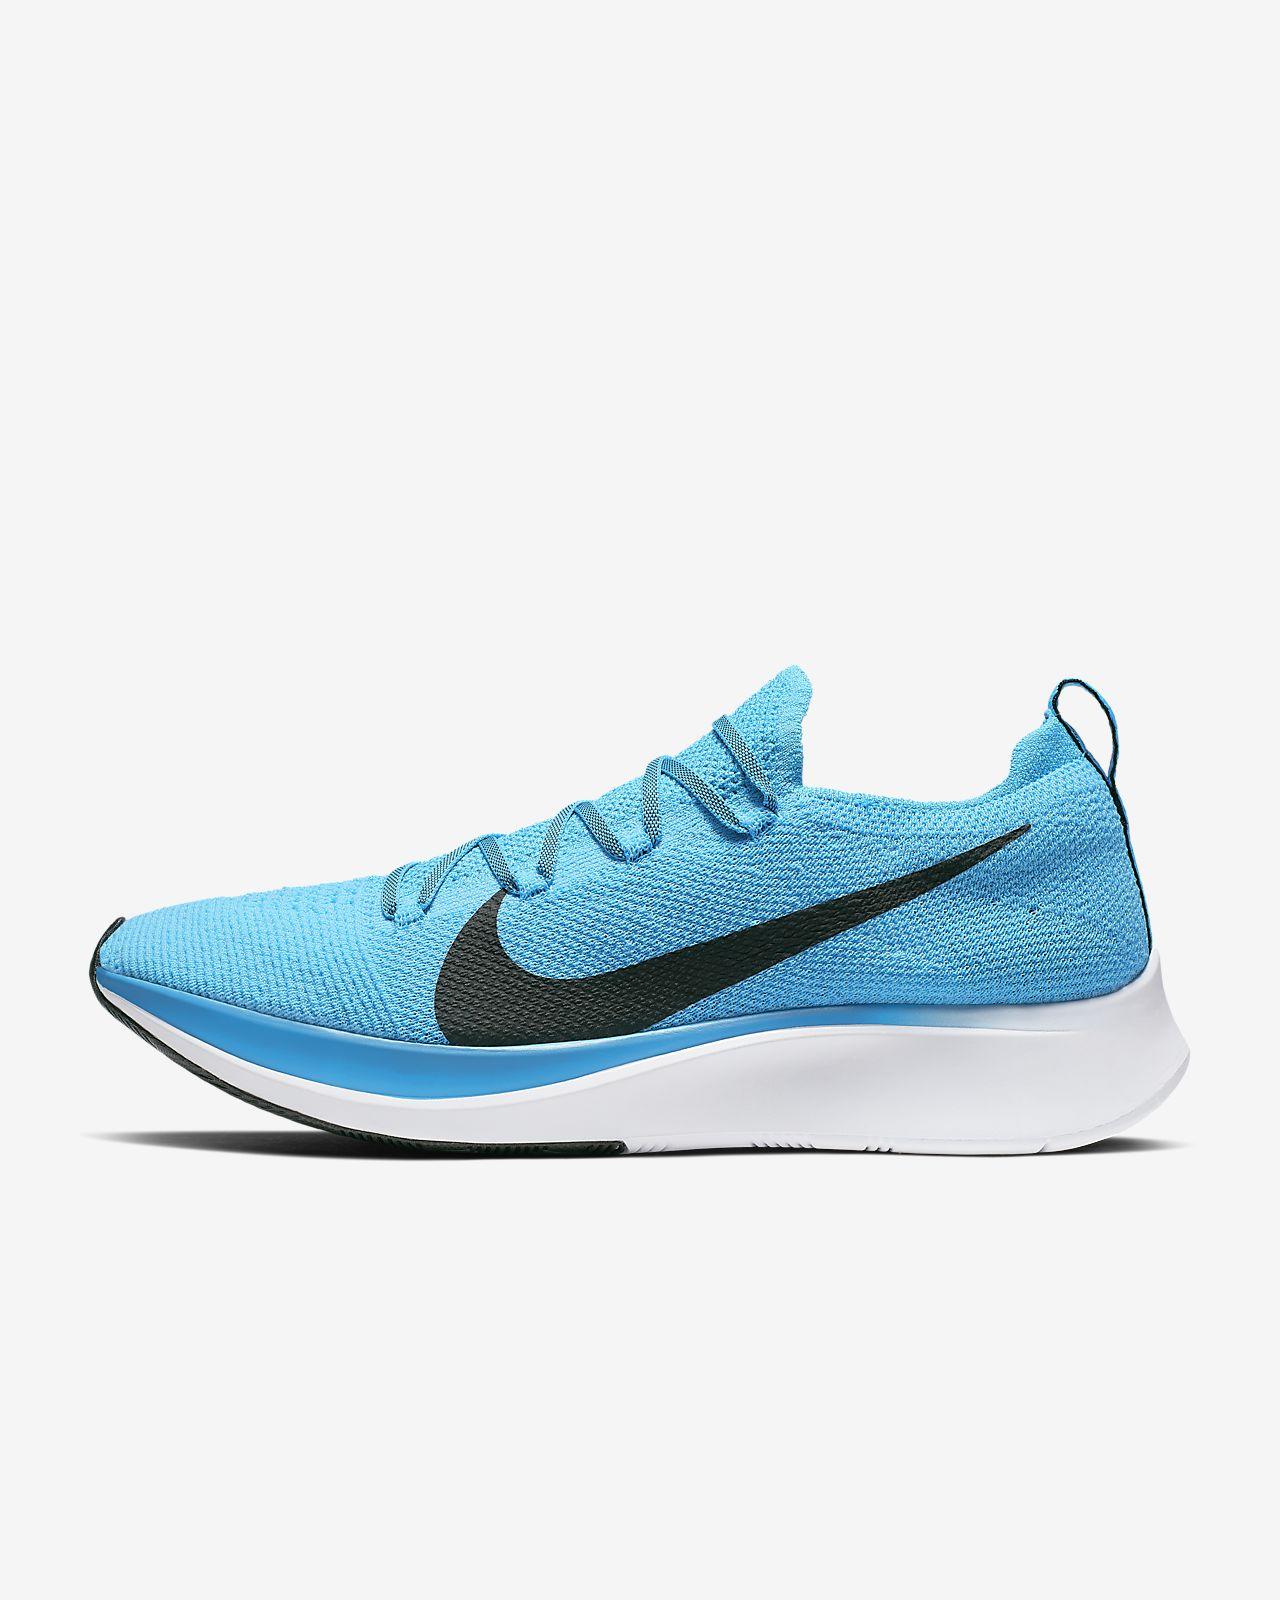 3f4785ecd9e07 Nike Zoom Fly Flyknit Men's Running Shoe. Nike.com DK